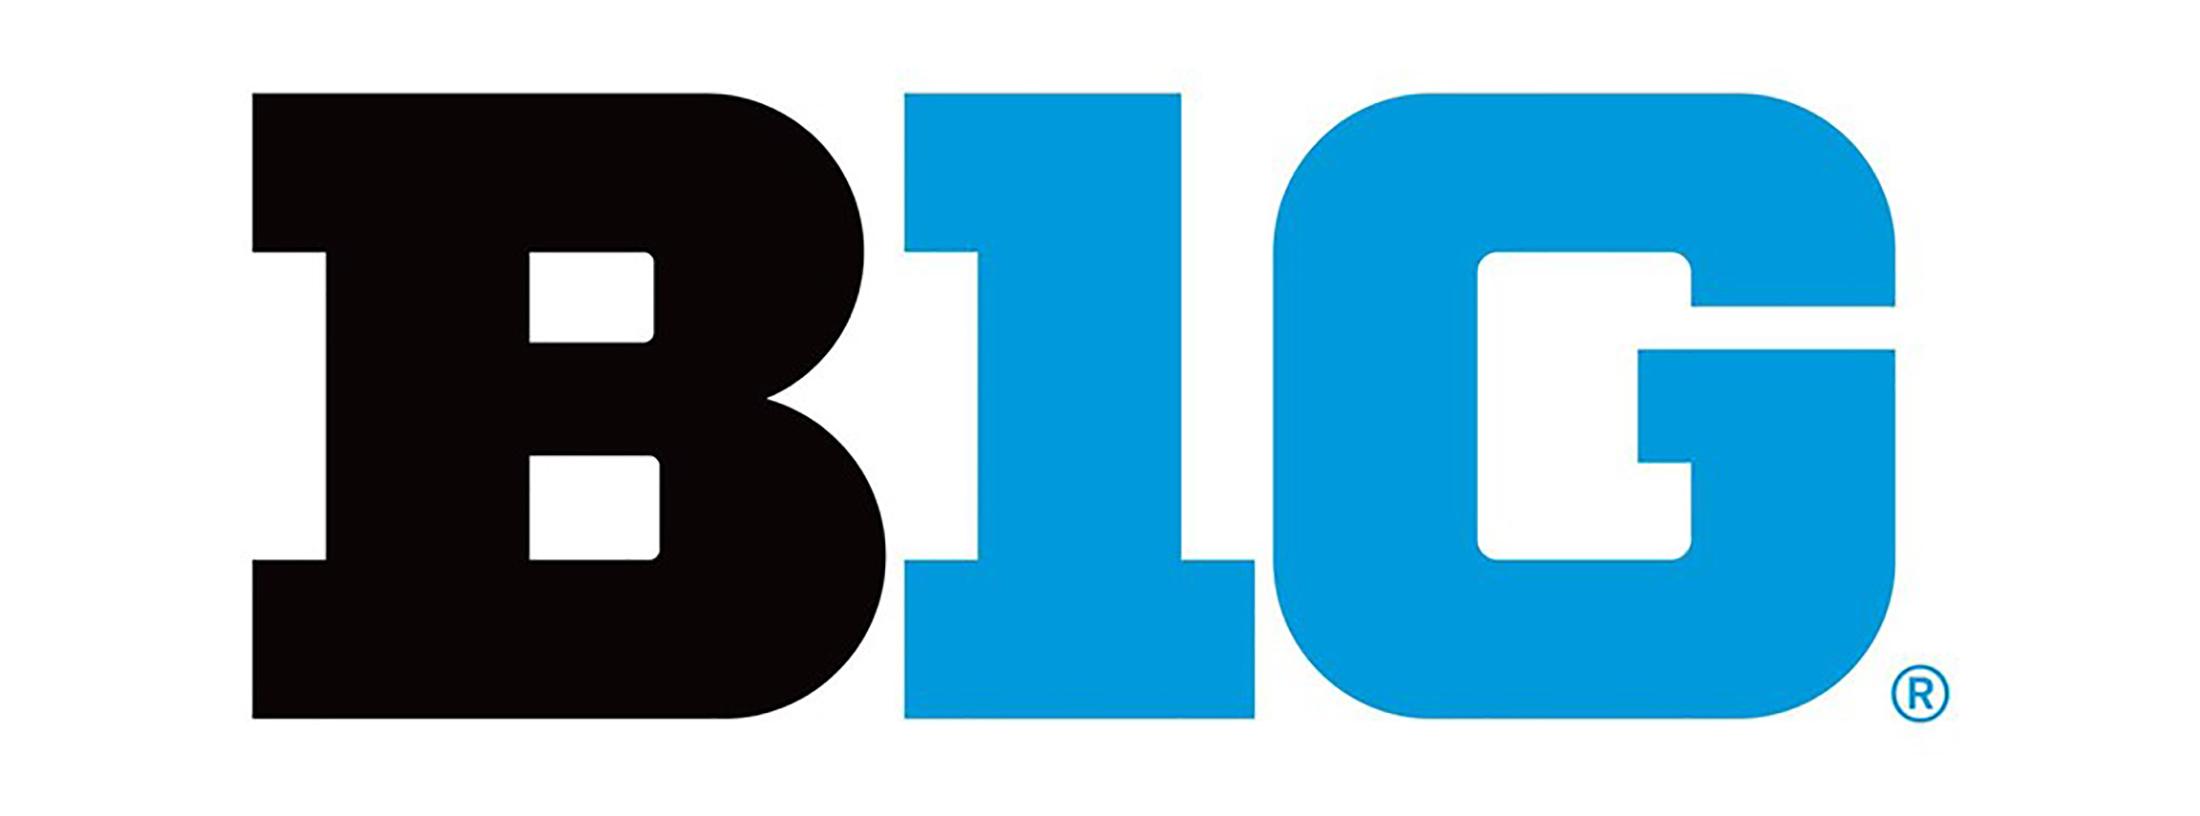 The Big Ten official logo